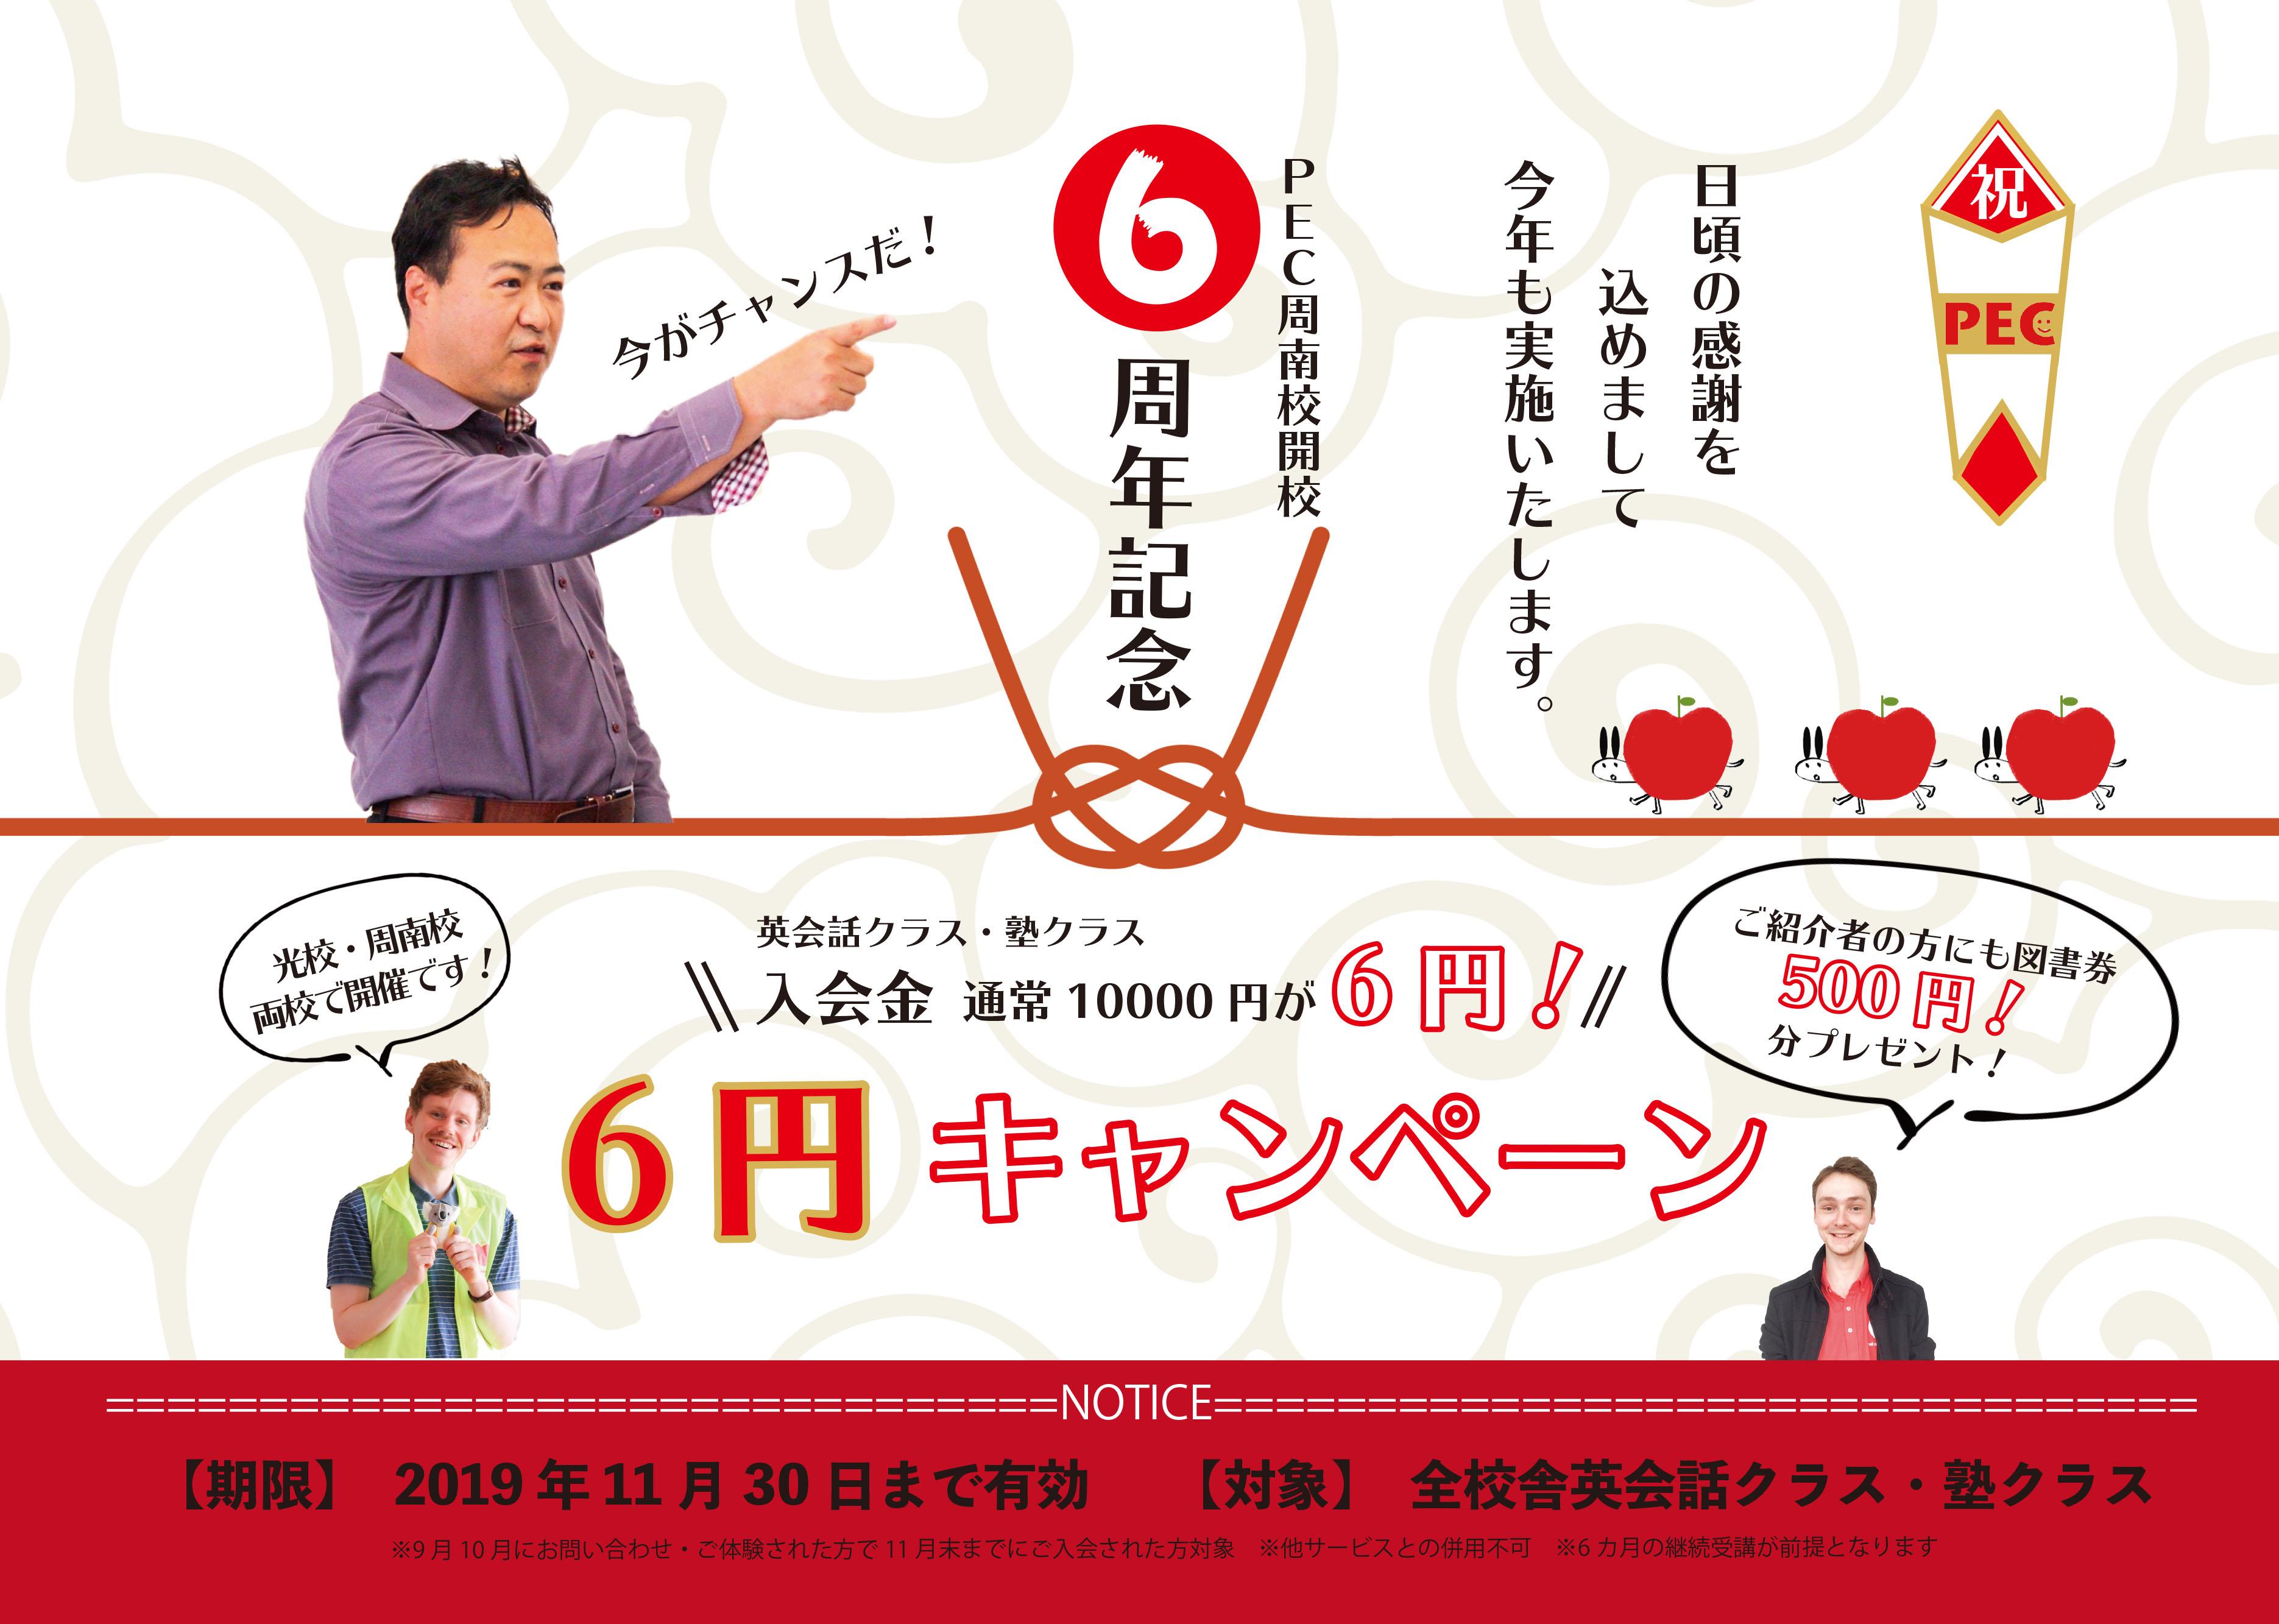 6円キャンペーン外部